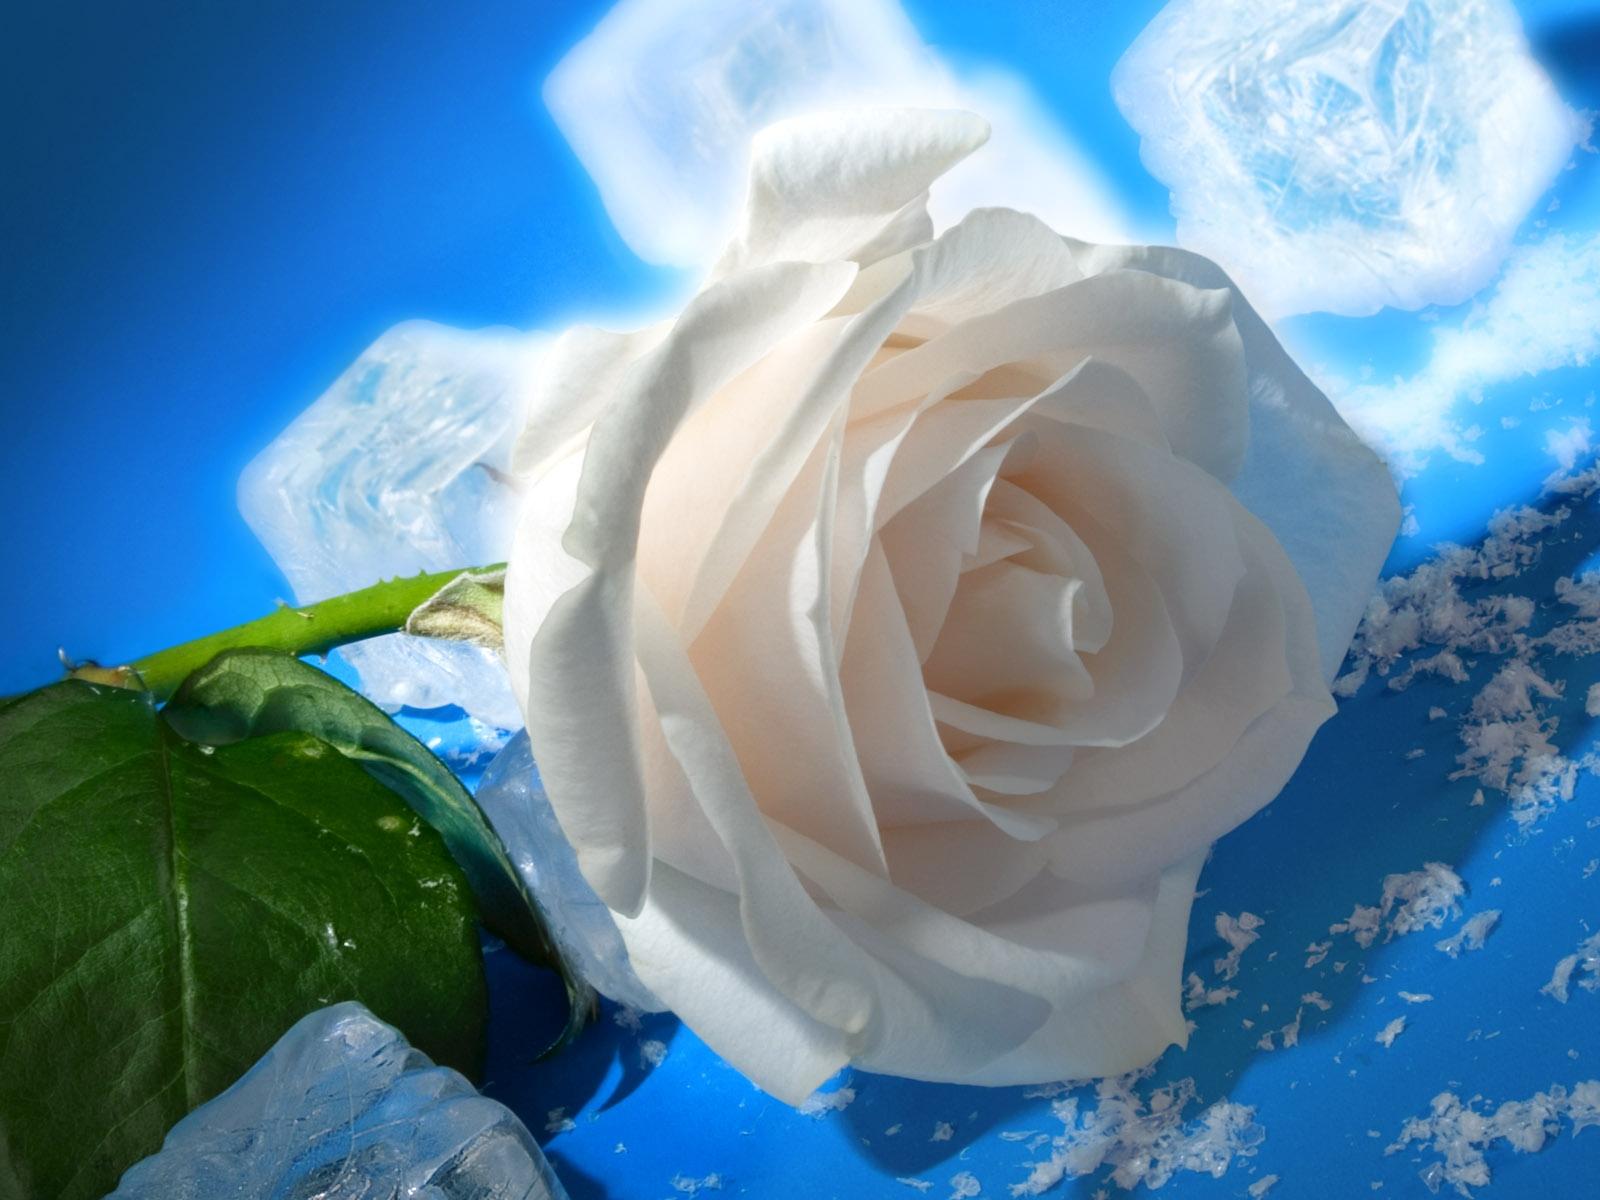 белоснежная роза на льду, скачать фото, белая роза, розы